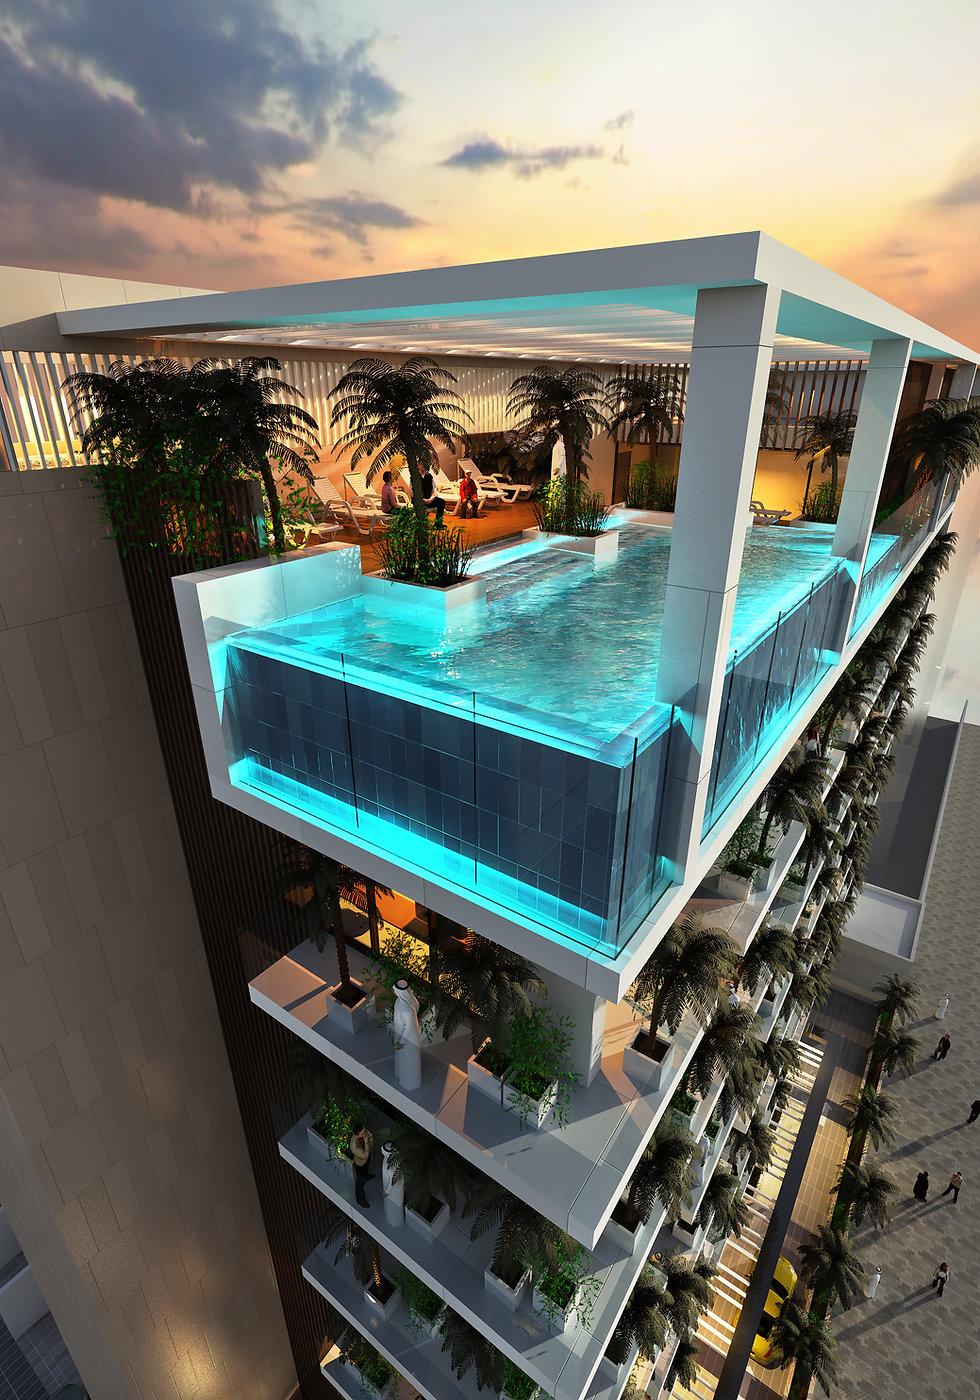 RJ Apartments